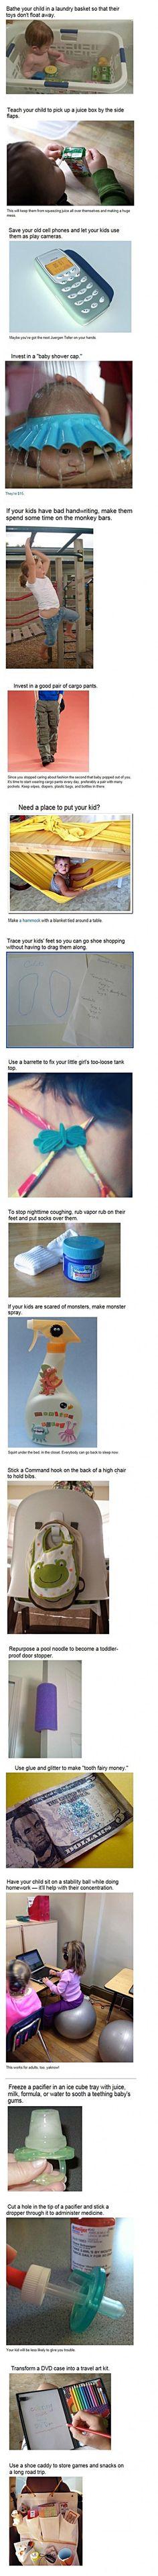 Parenting life hacks